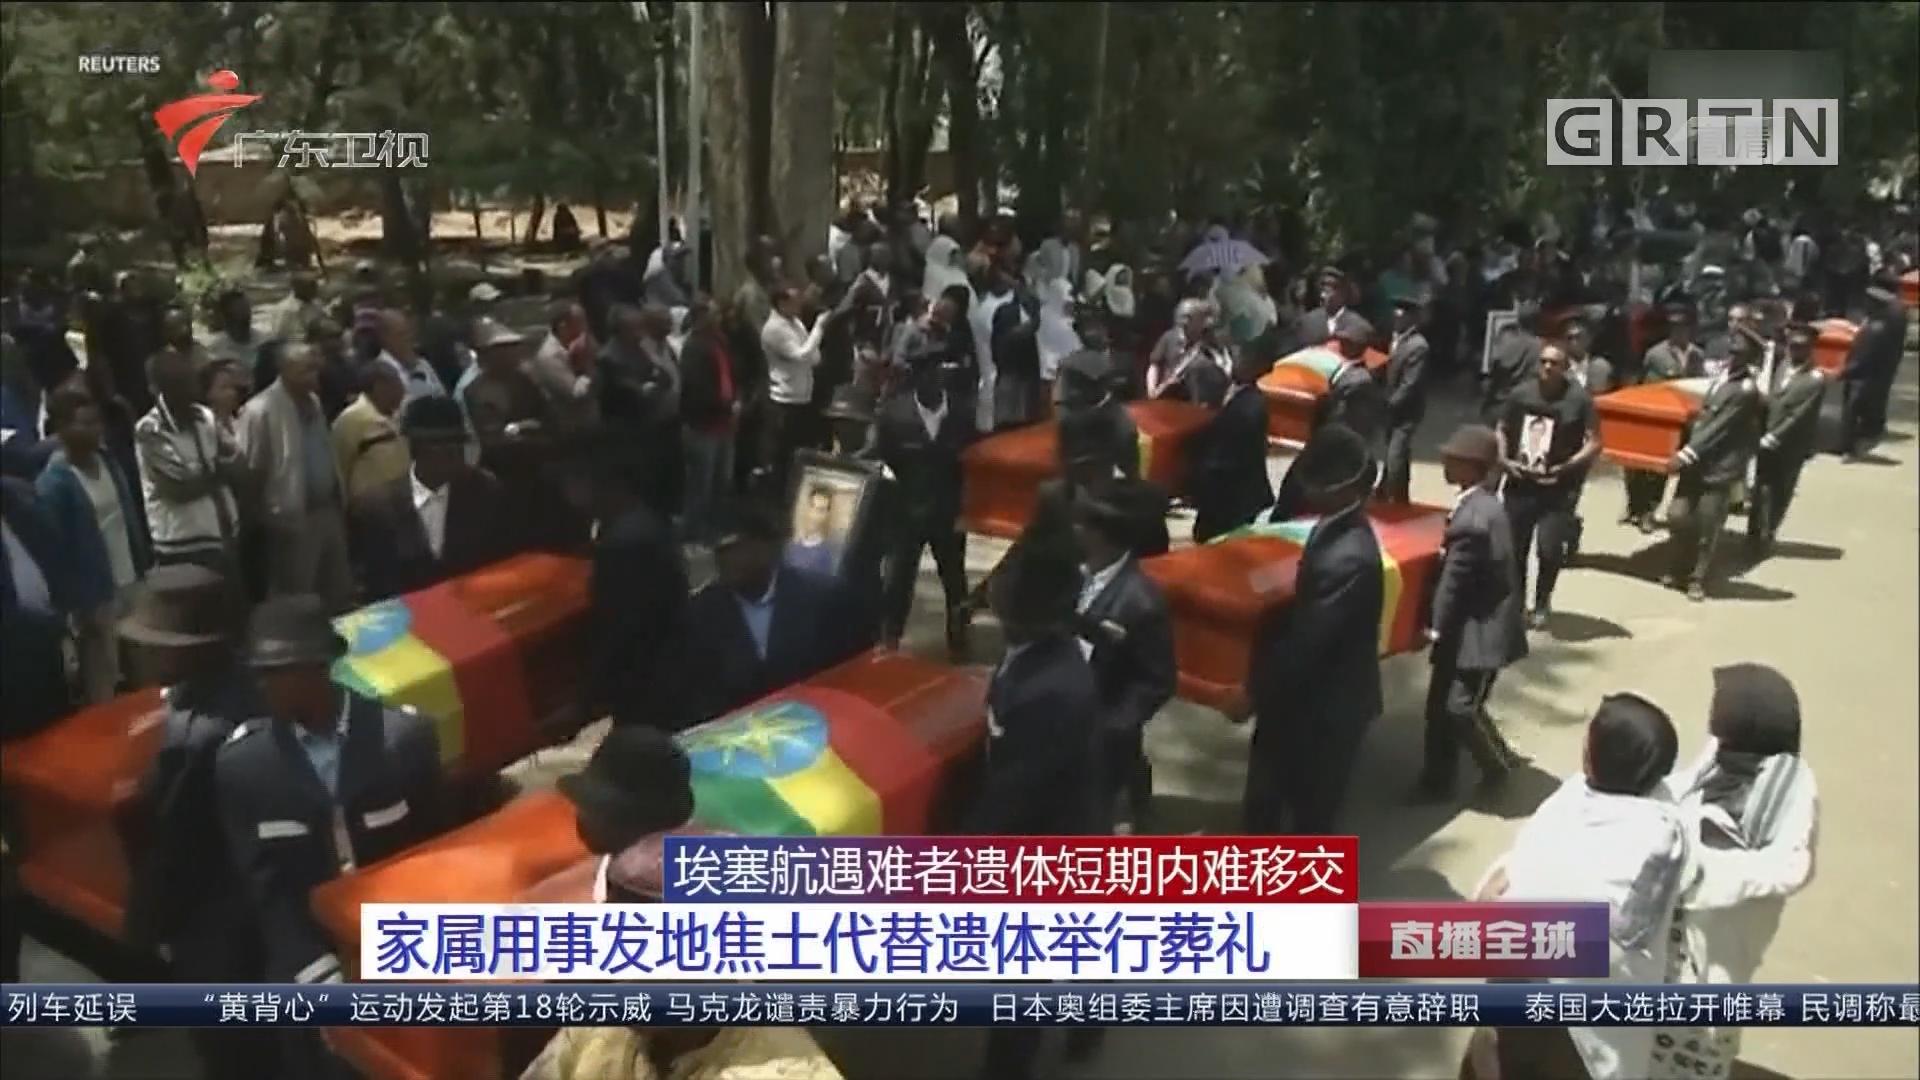 埃塞航遇难者遗体短期内难移交:家属用事发地焦土代替遗体举行葬礼